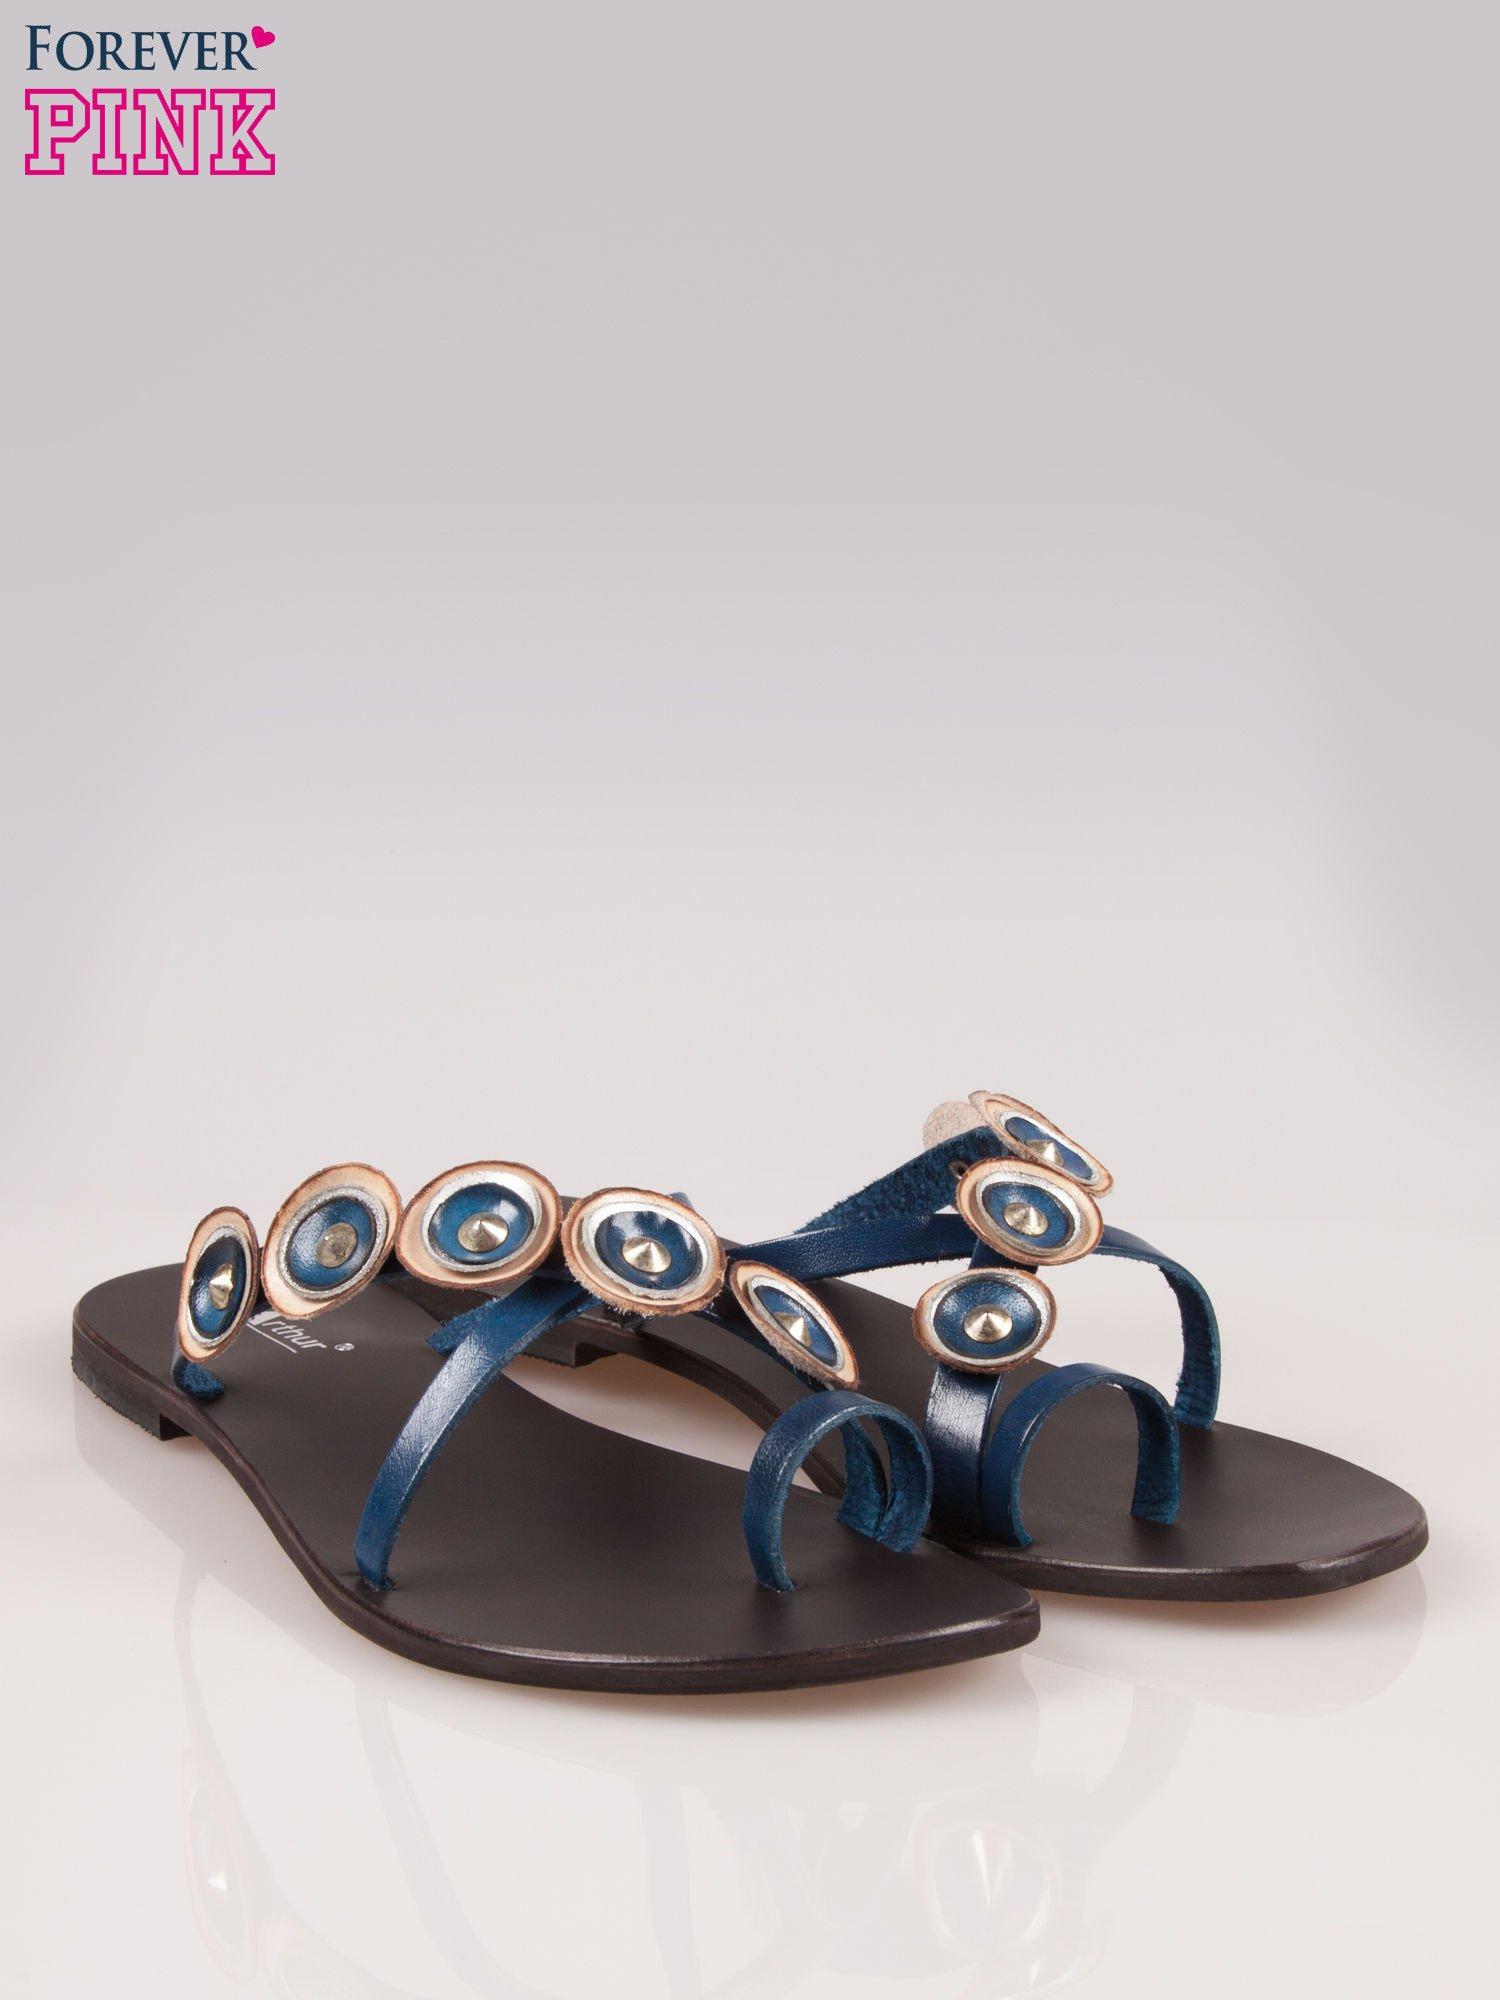 Niebieskie skórzane klapki japonki w stylu etno                                  zdj.                                  2